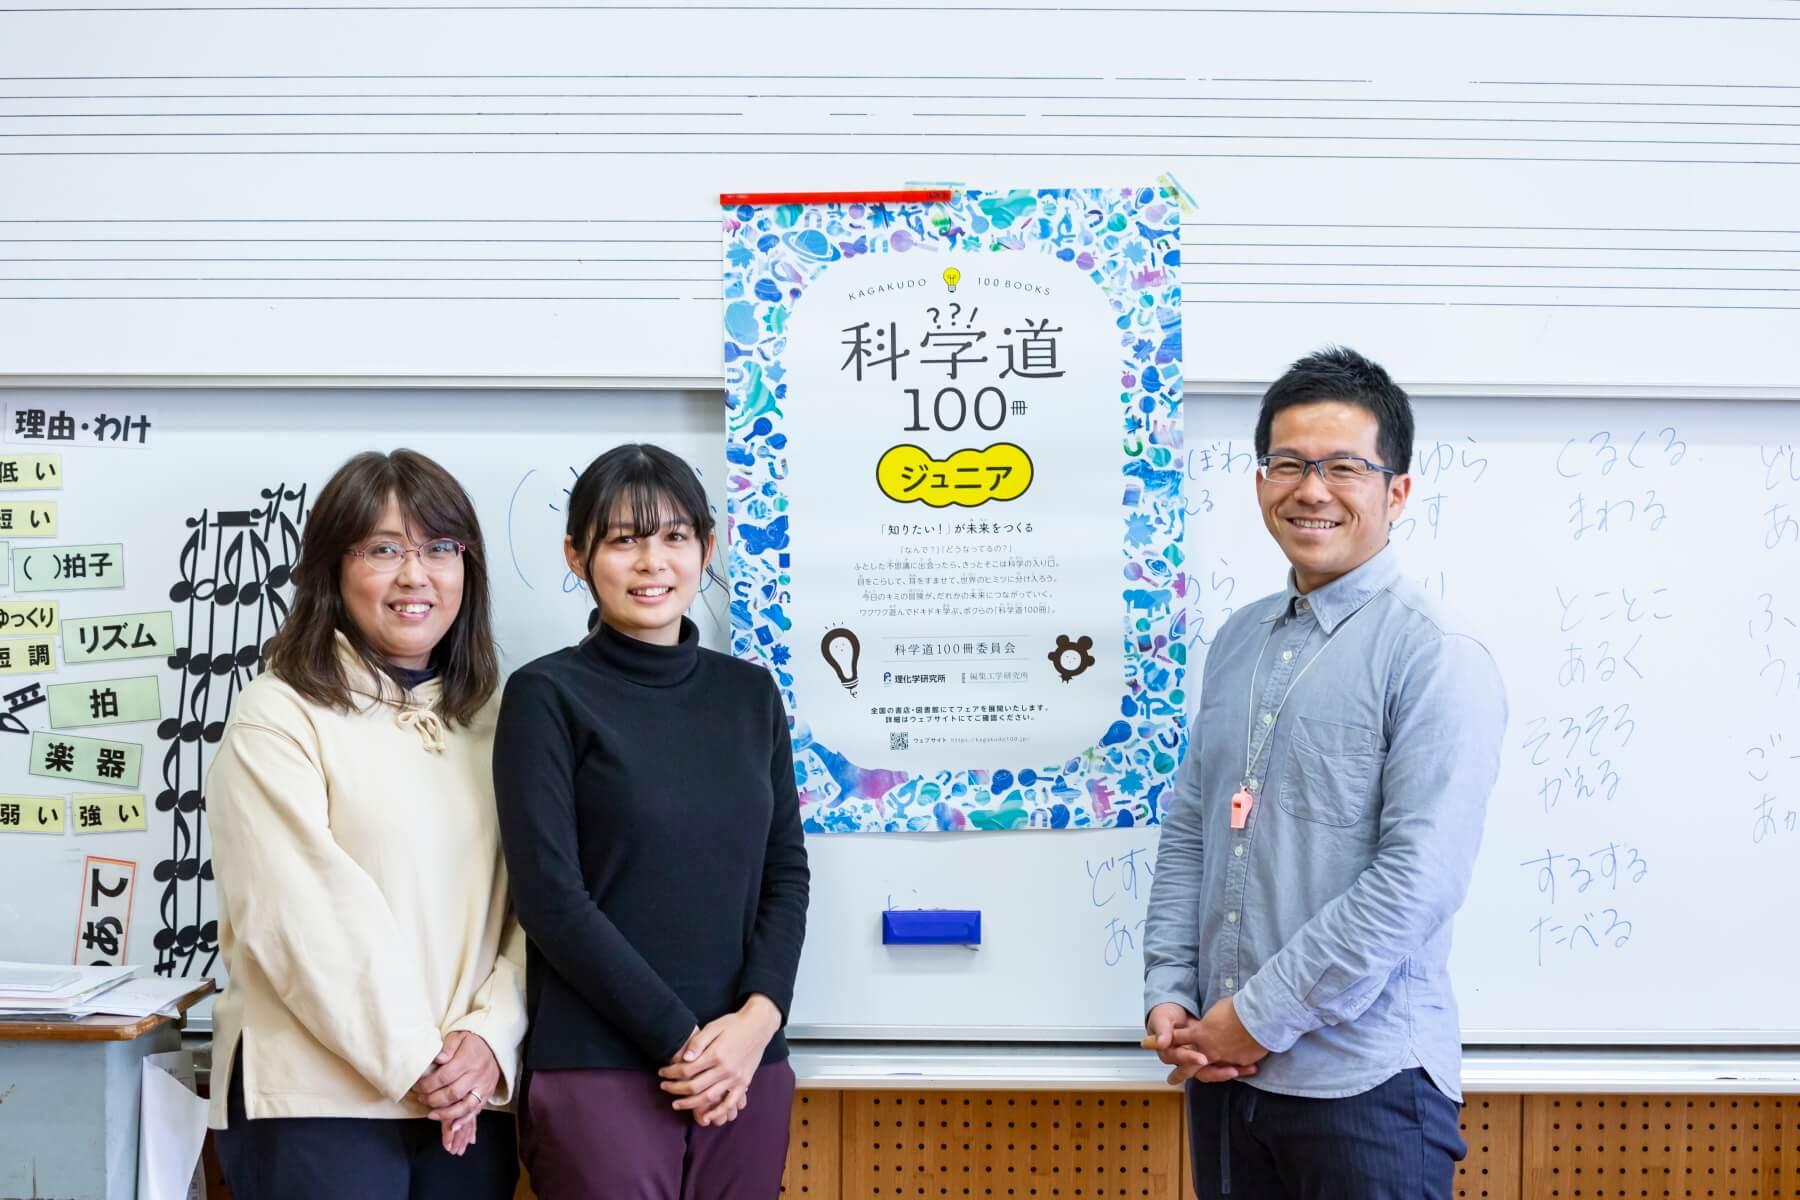 3年生を担当する3人の先生。右から三浦一郎先生、北島桃子先生、清水由季先生